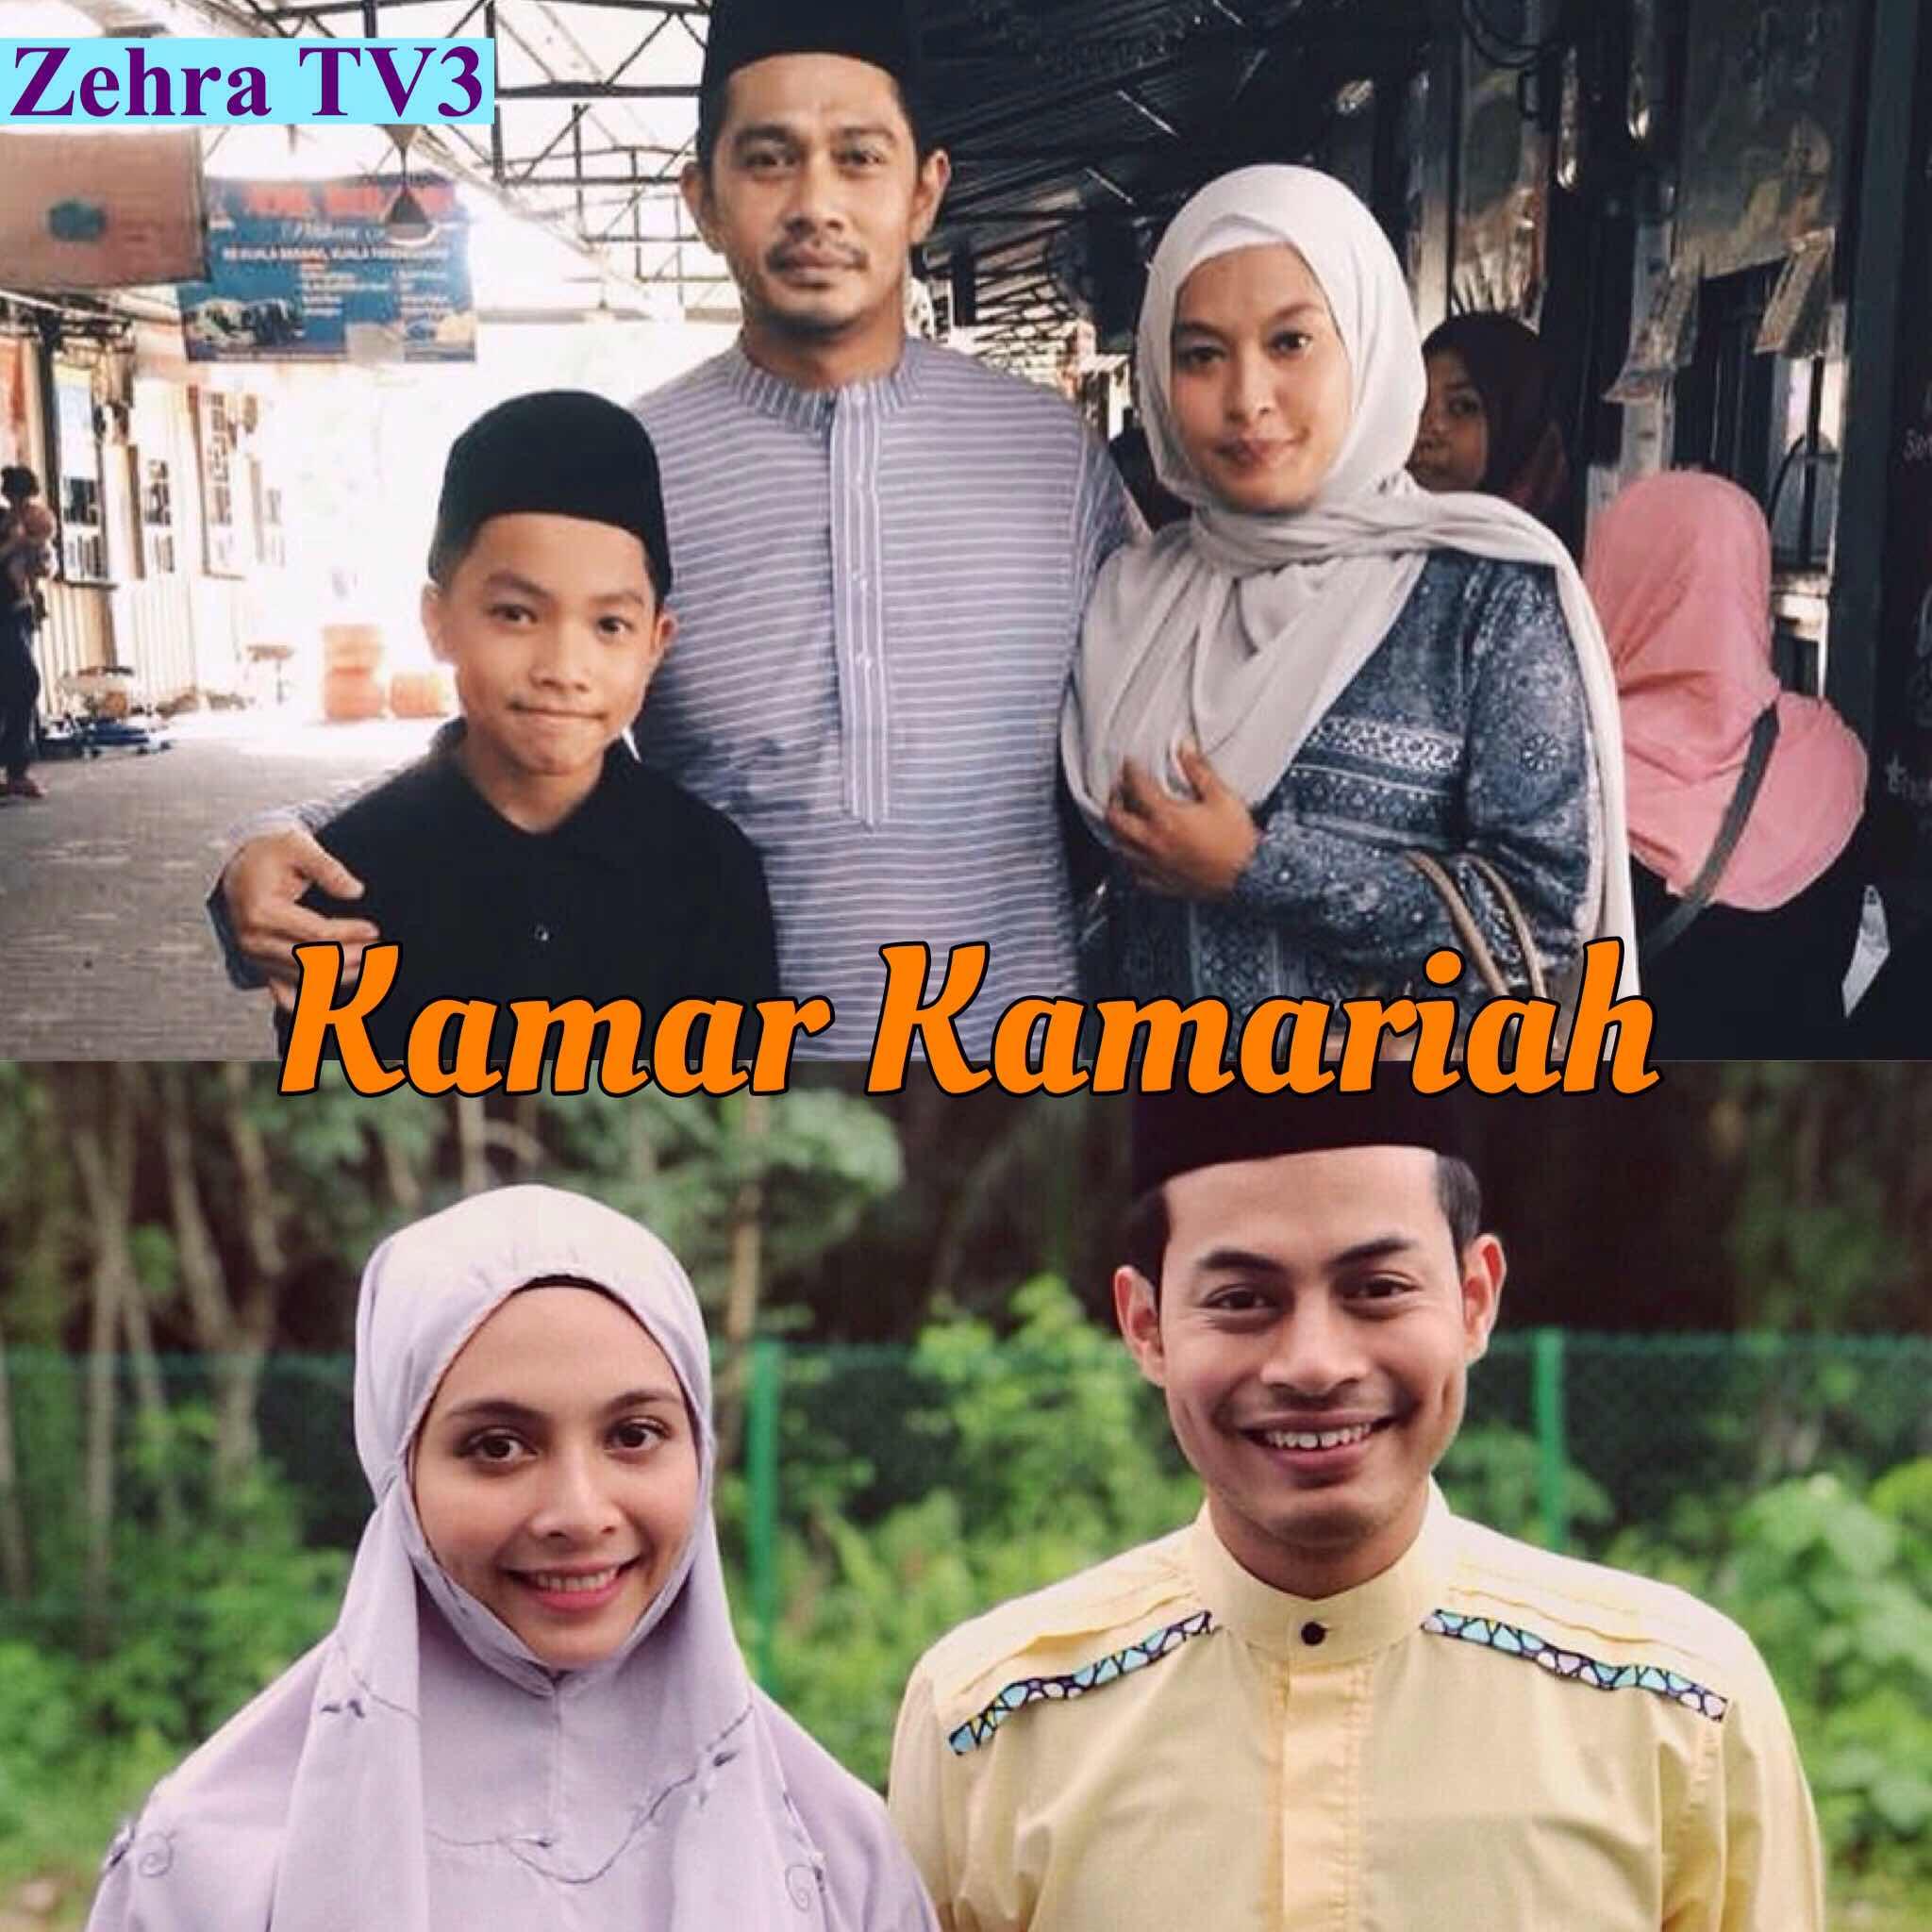 %255BUNSET%255D - Drama Kamar Kamariah, akan datang di slot Zehra TV3